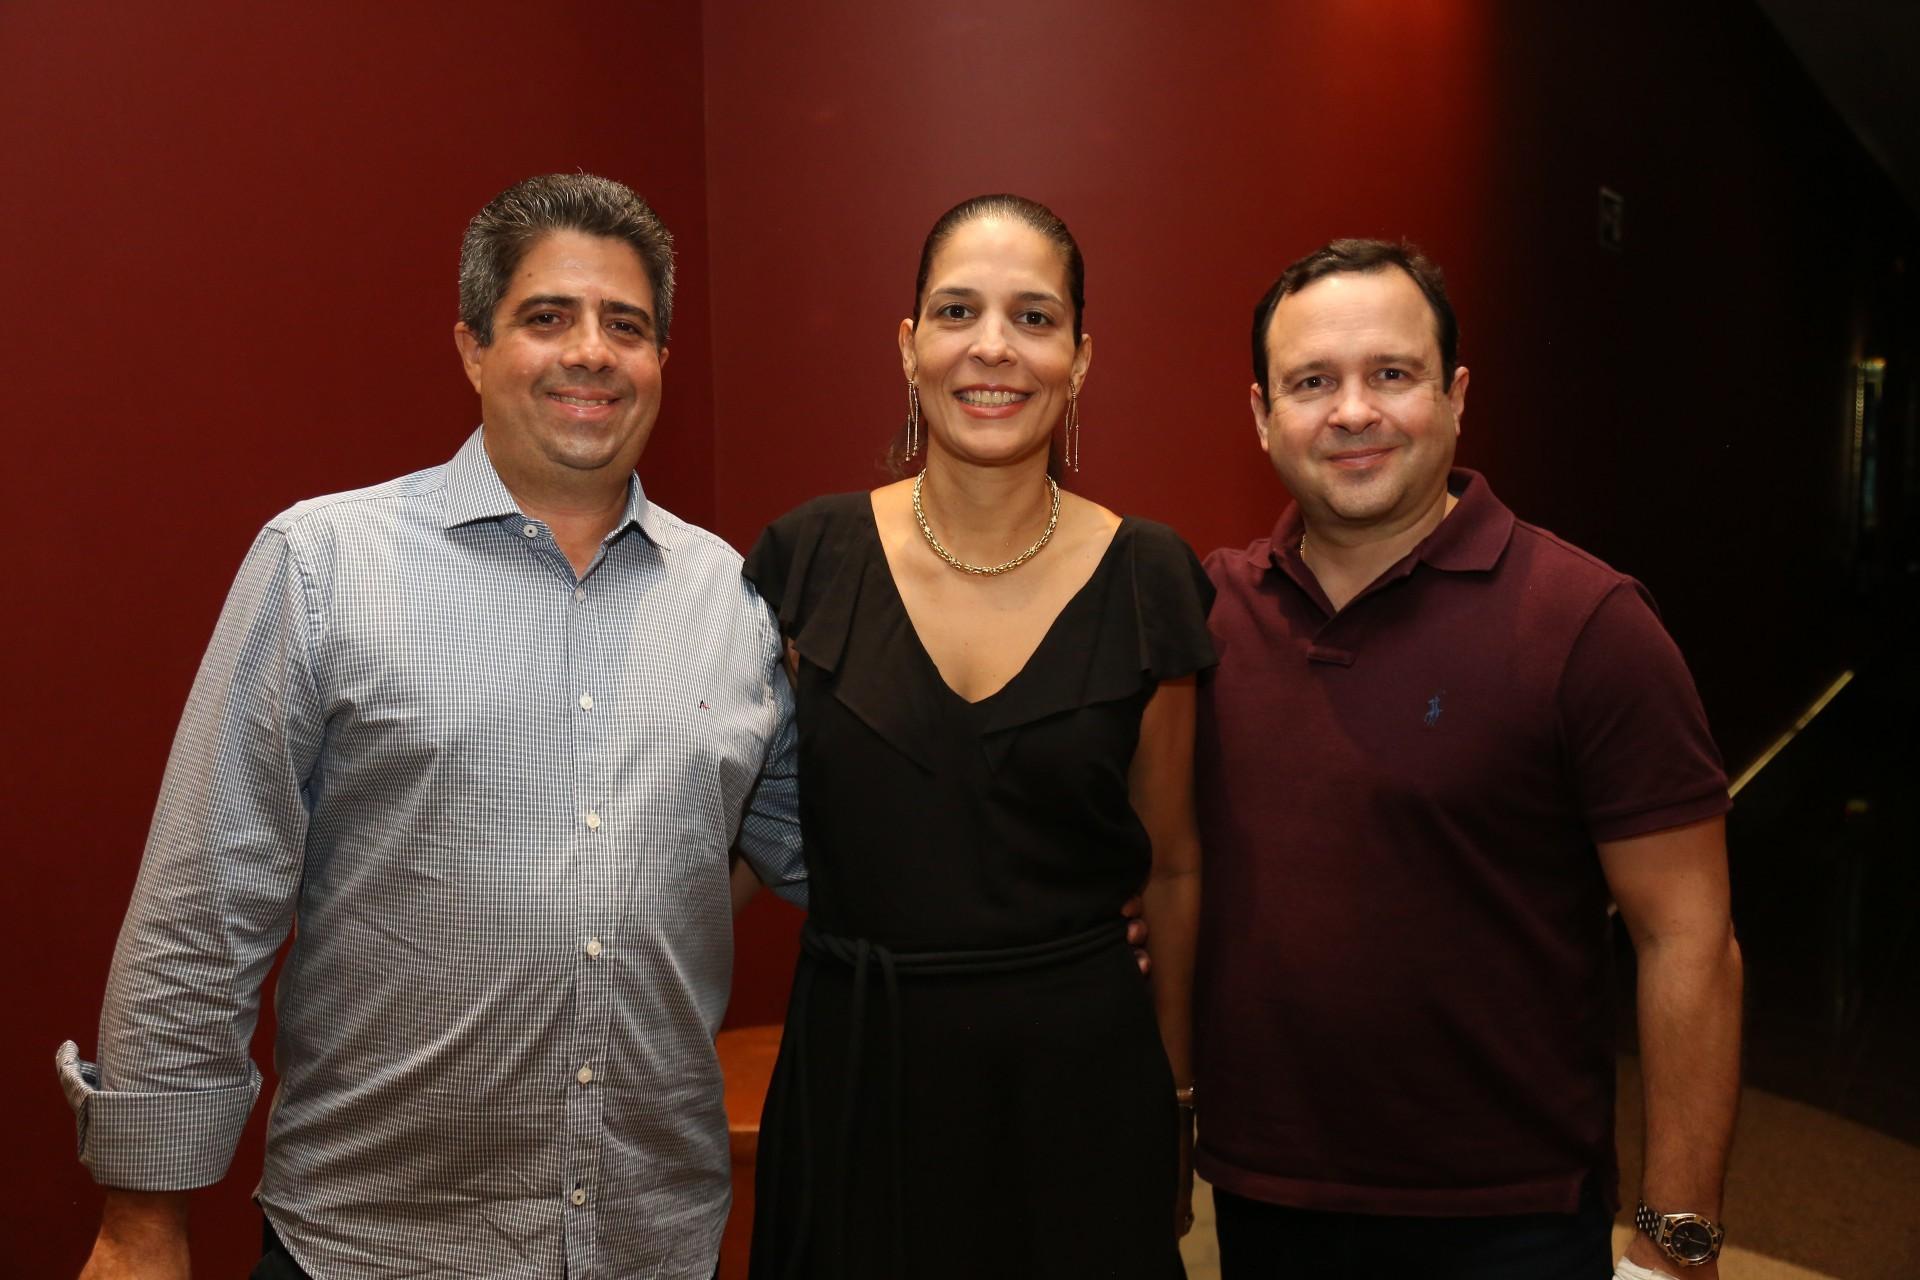 (Foto: JOÃO FILHO TAVARES)Alexandre Leitão e Letícia com Igor Queiroz Barroso